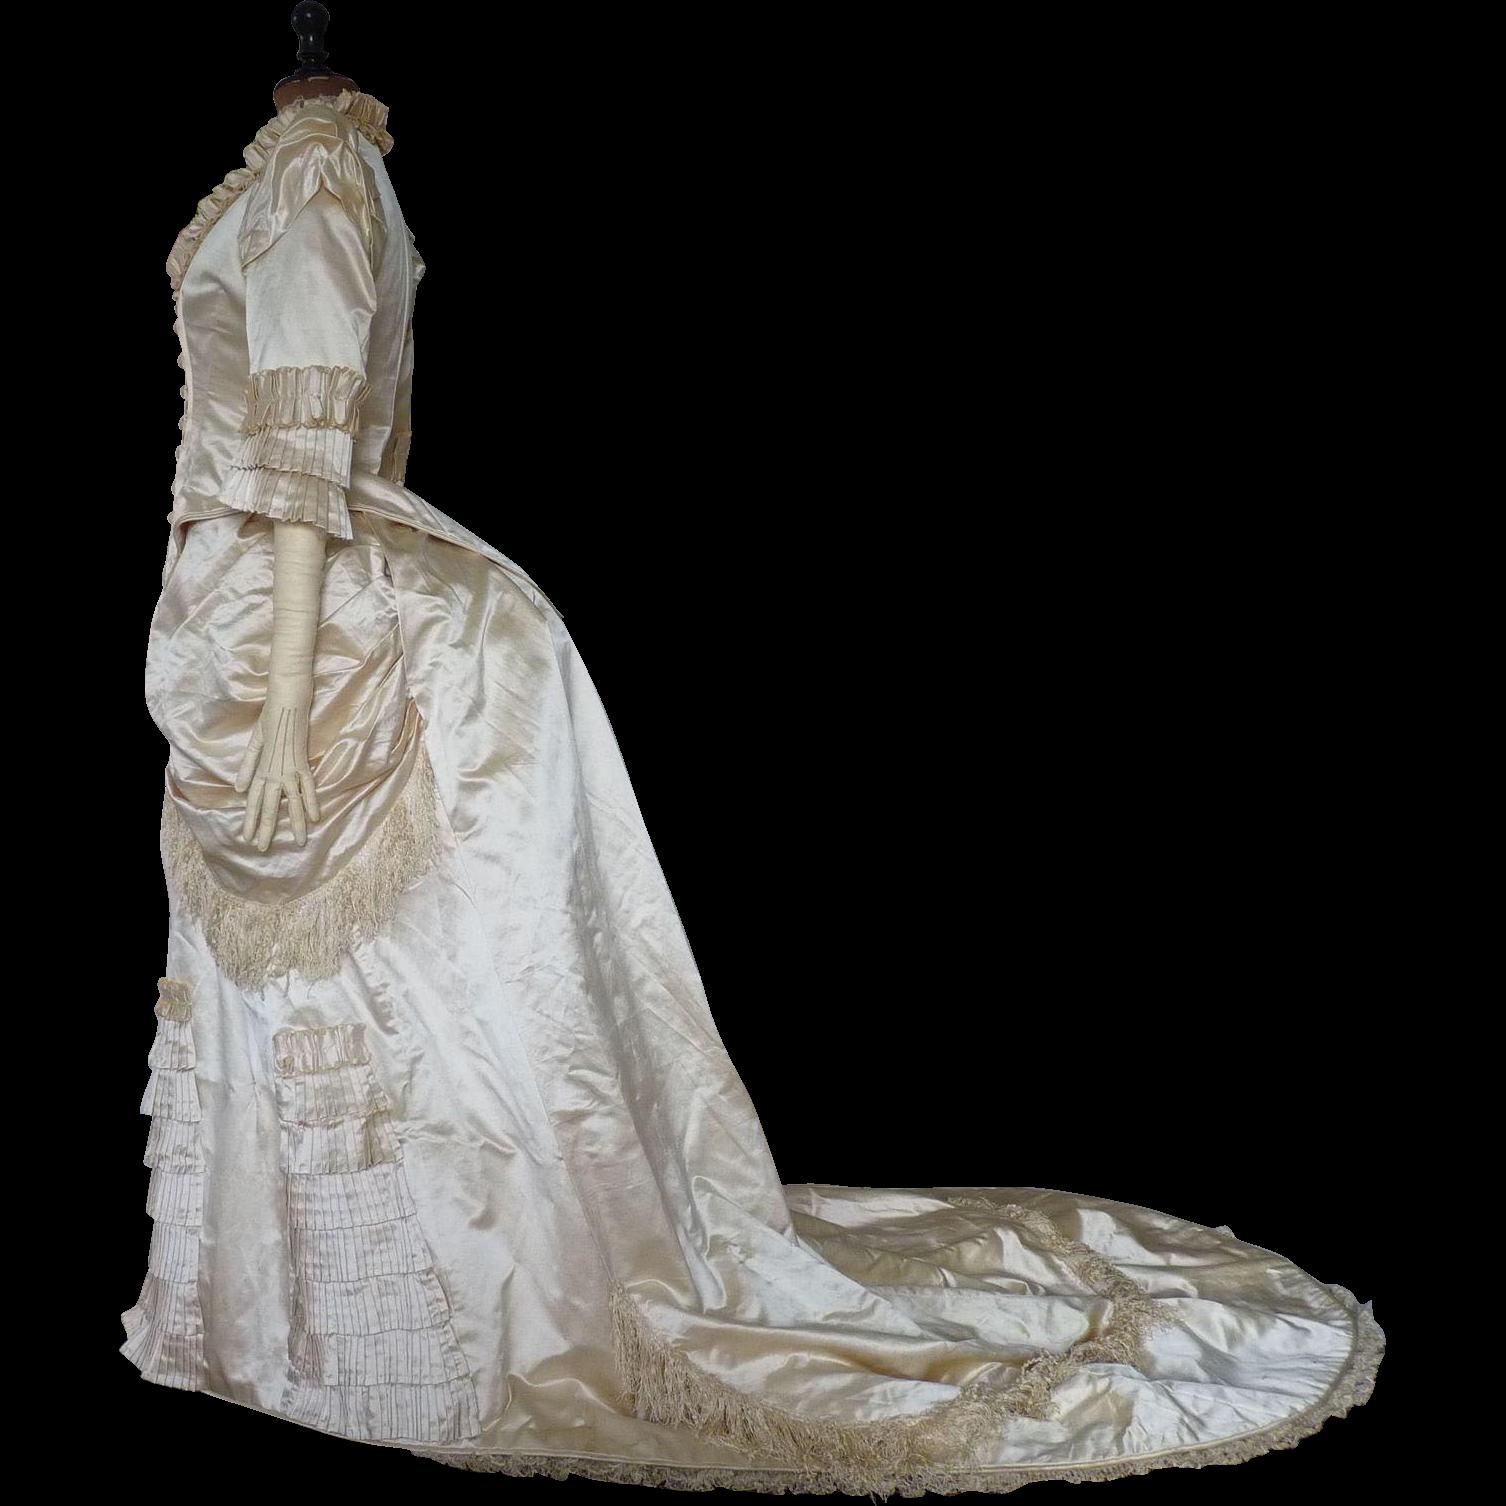 Antique Dress, Antique Gown, Victorian Dress, Bridal Dress ...